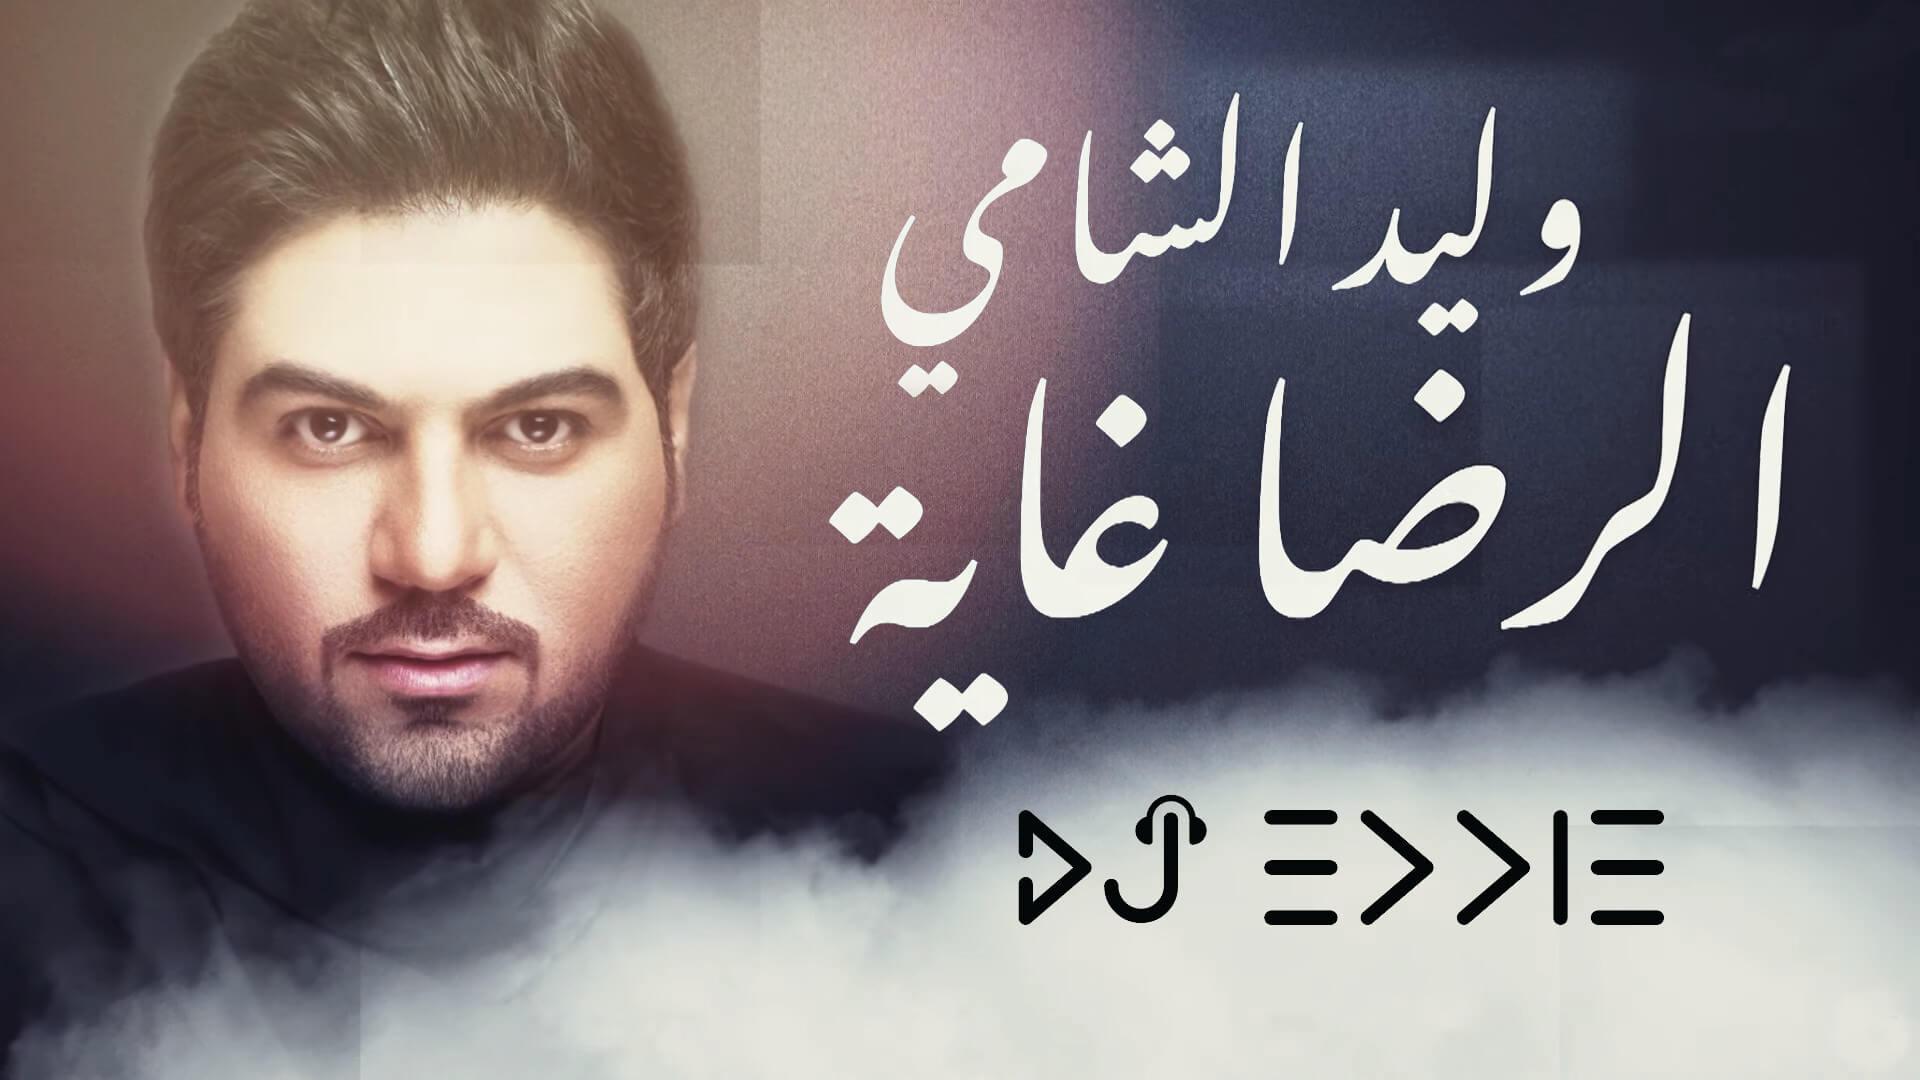 وليد الشامي - الرضا غاية Waleed Al Shami - Al Rida Ghaia